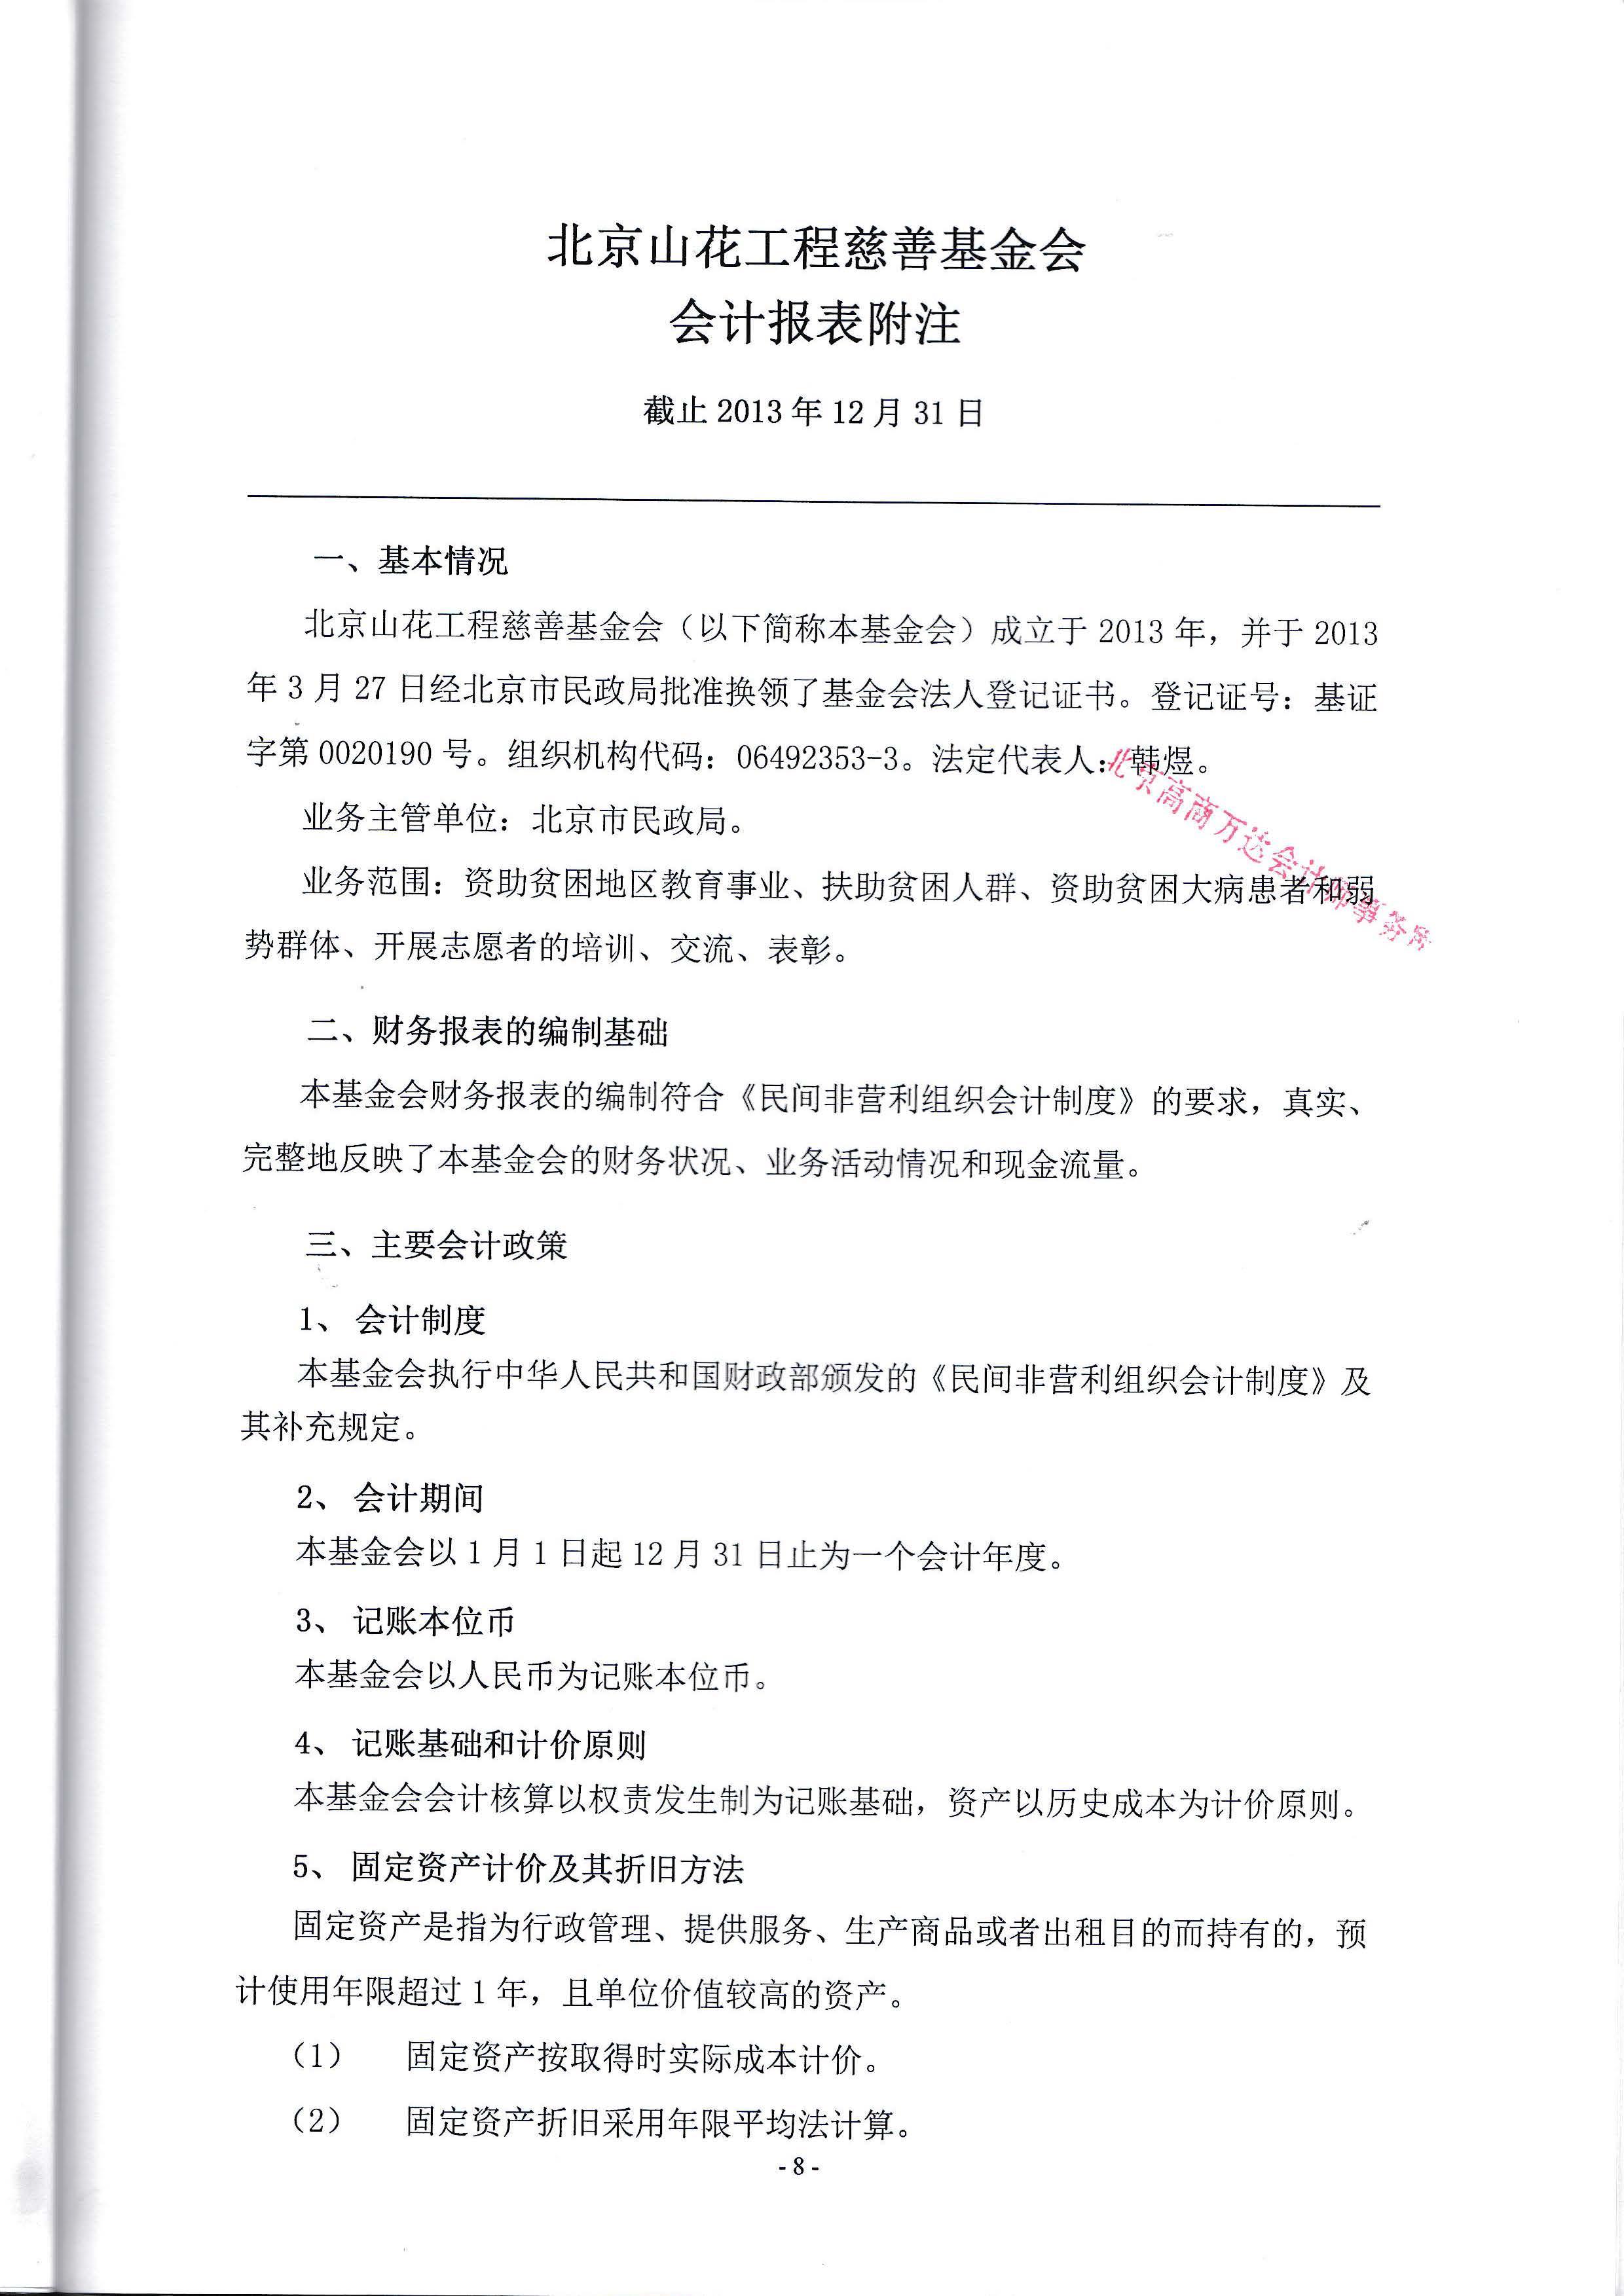 2013审计报告_页面_11